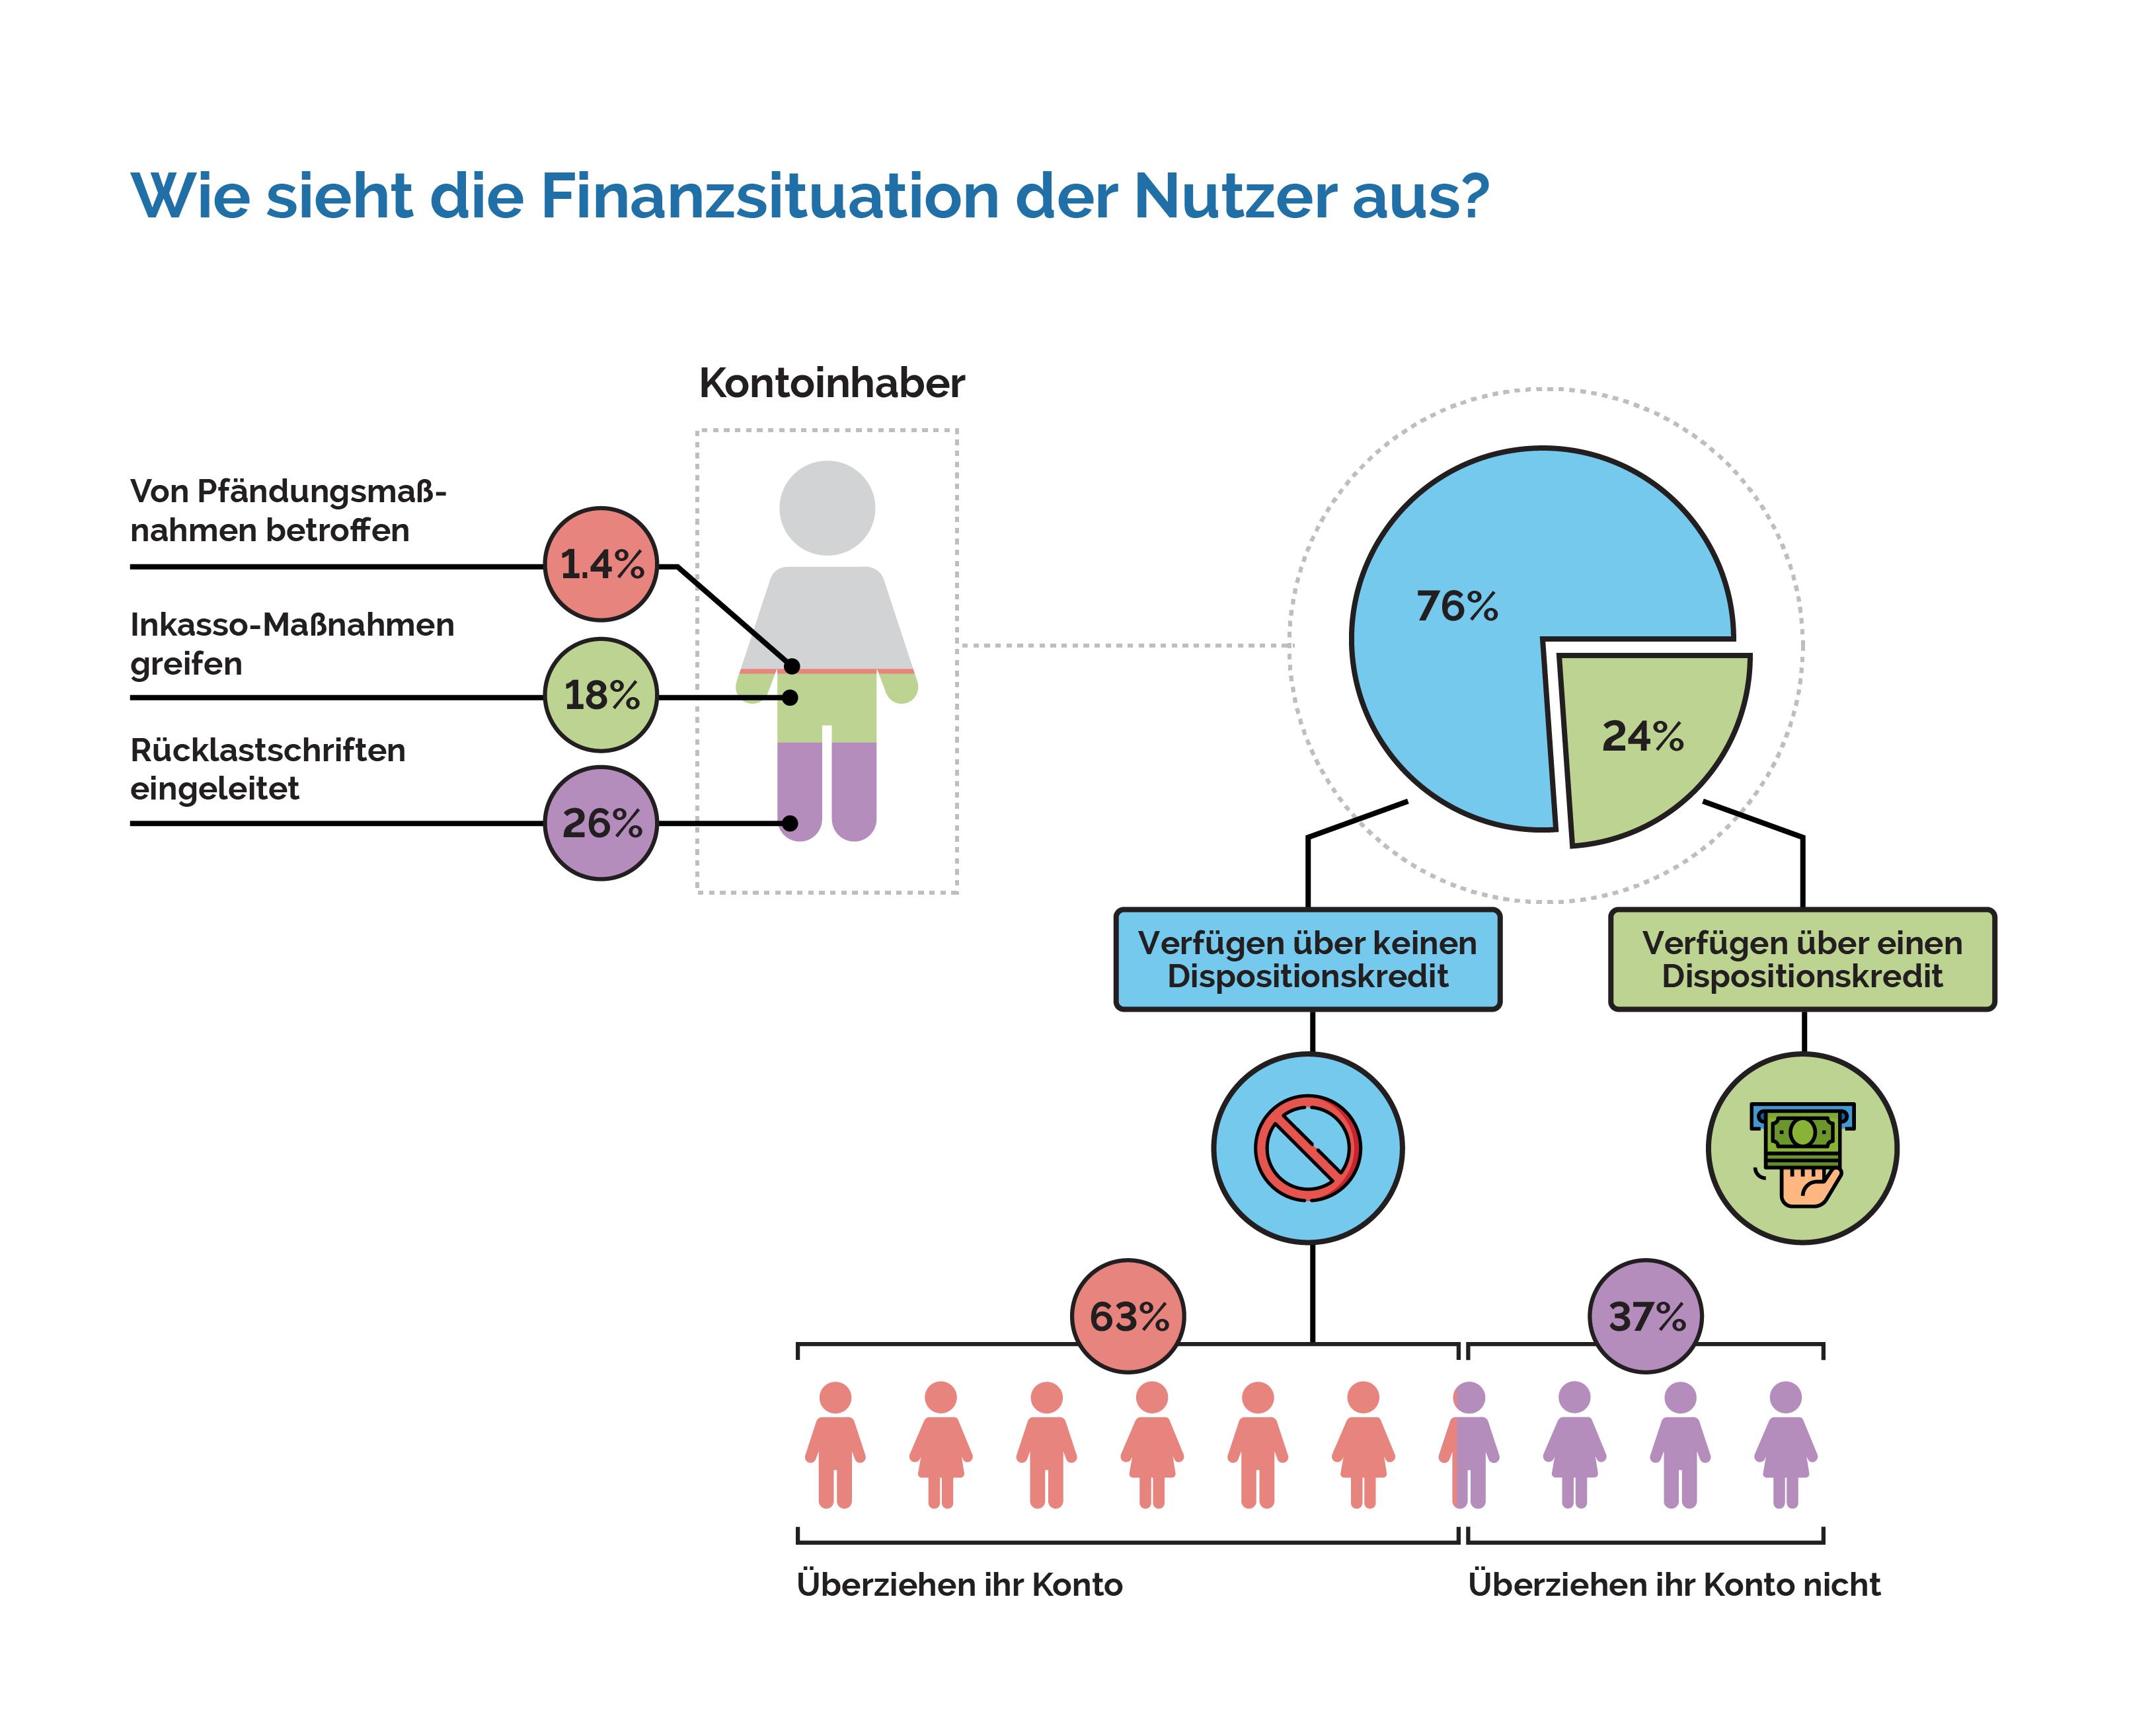 Wie sieht die Finanzsituation der Nutzer aus?